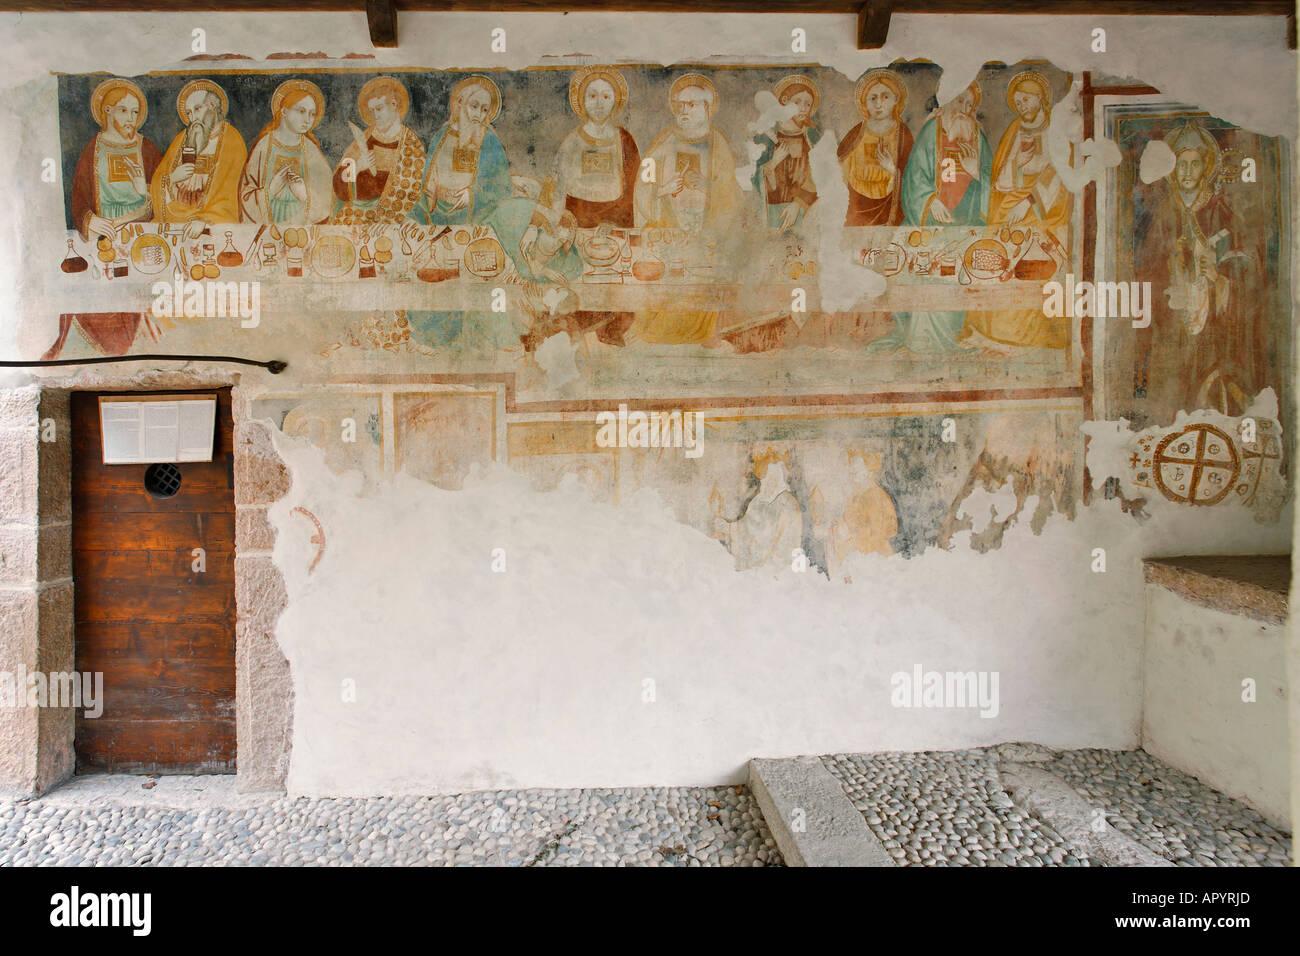 Fresques datées du 13.siècle dans la petite église de s.apollinare, ville d'arco, près du lac de Garde, Italie Photo Stock